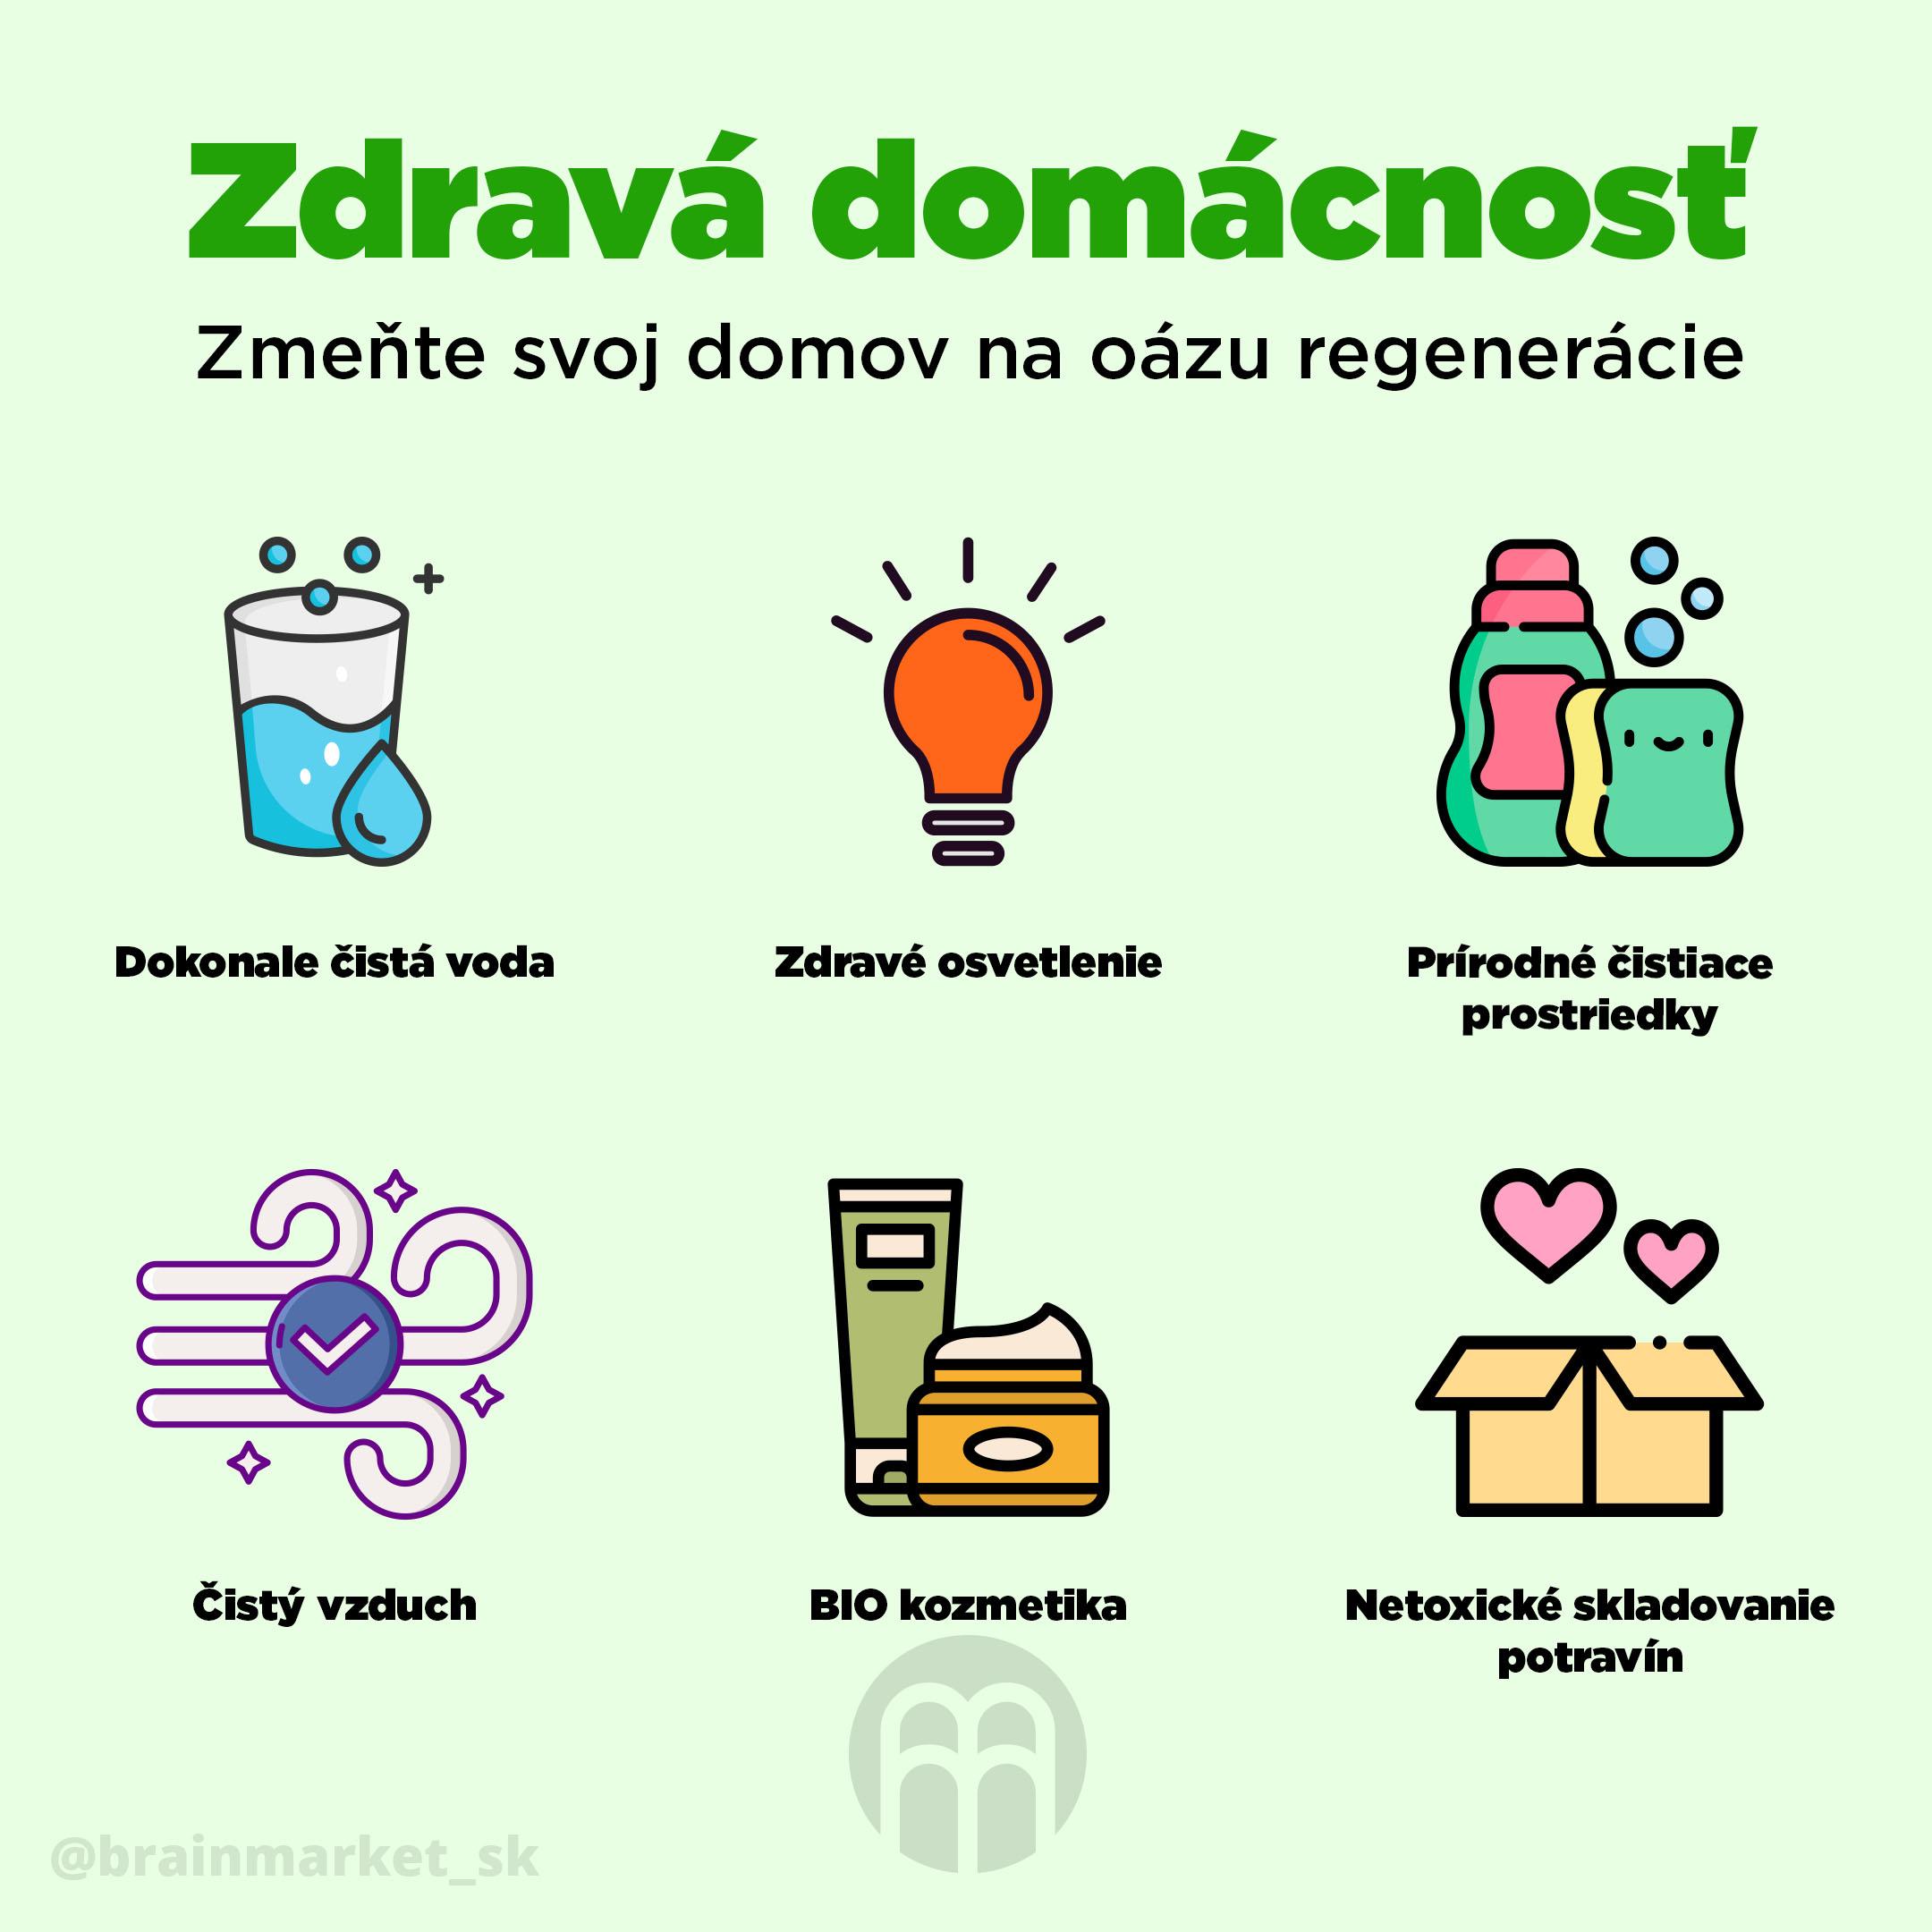 zdrava-domacnost-infografika-brainmarket-2-sk